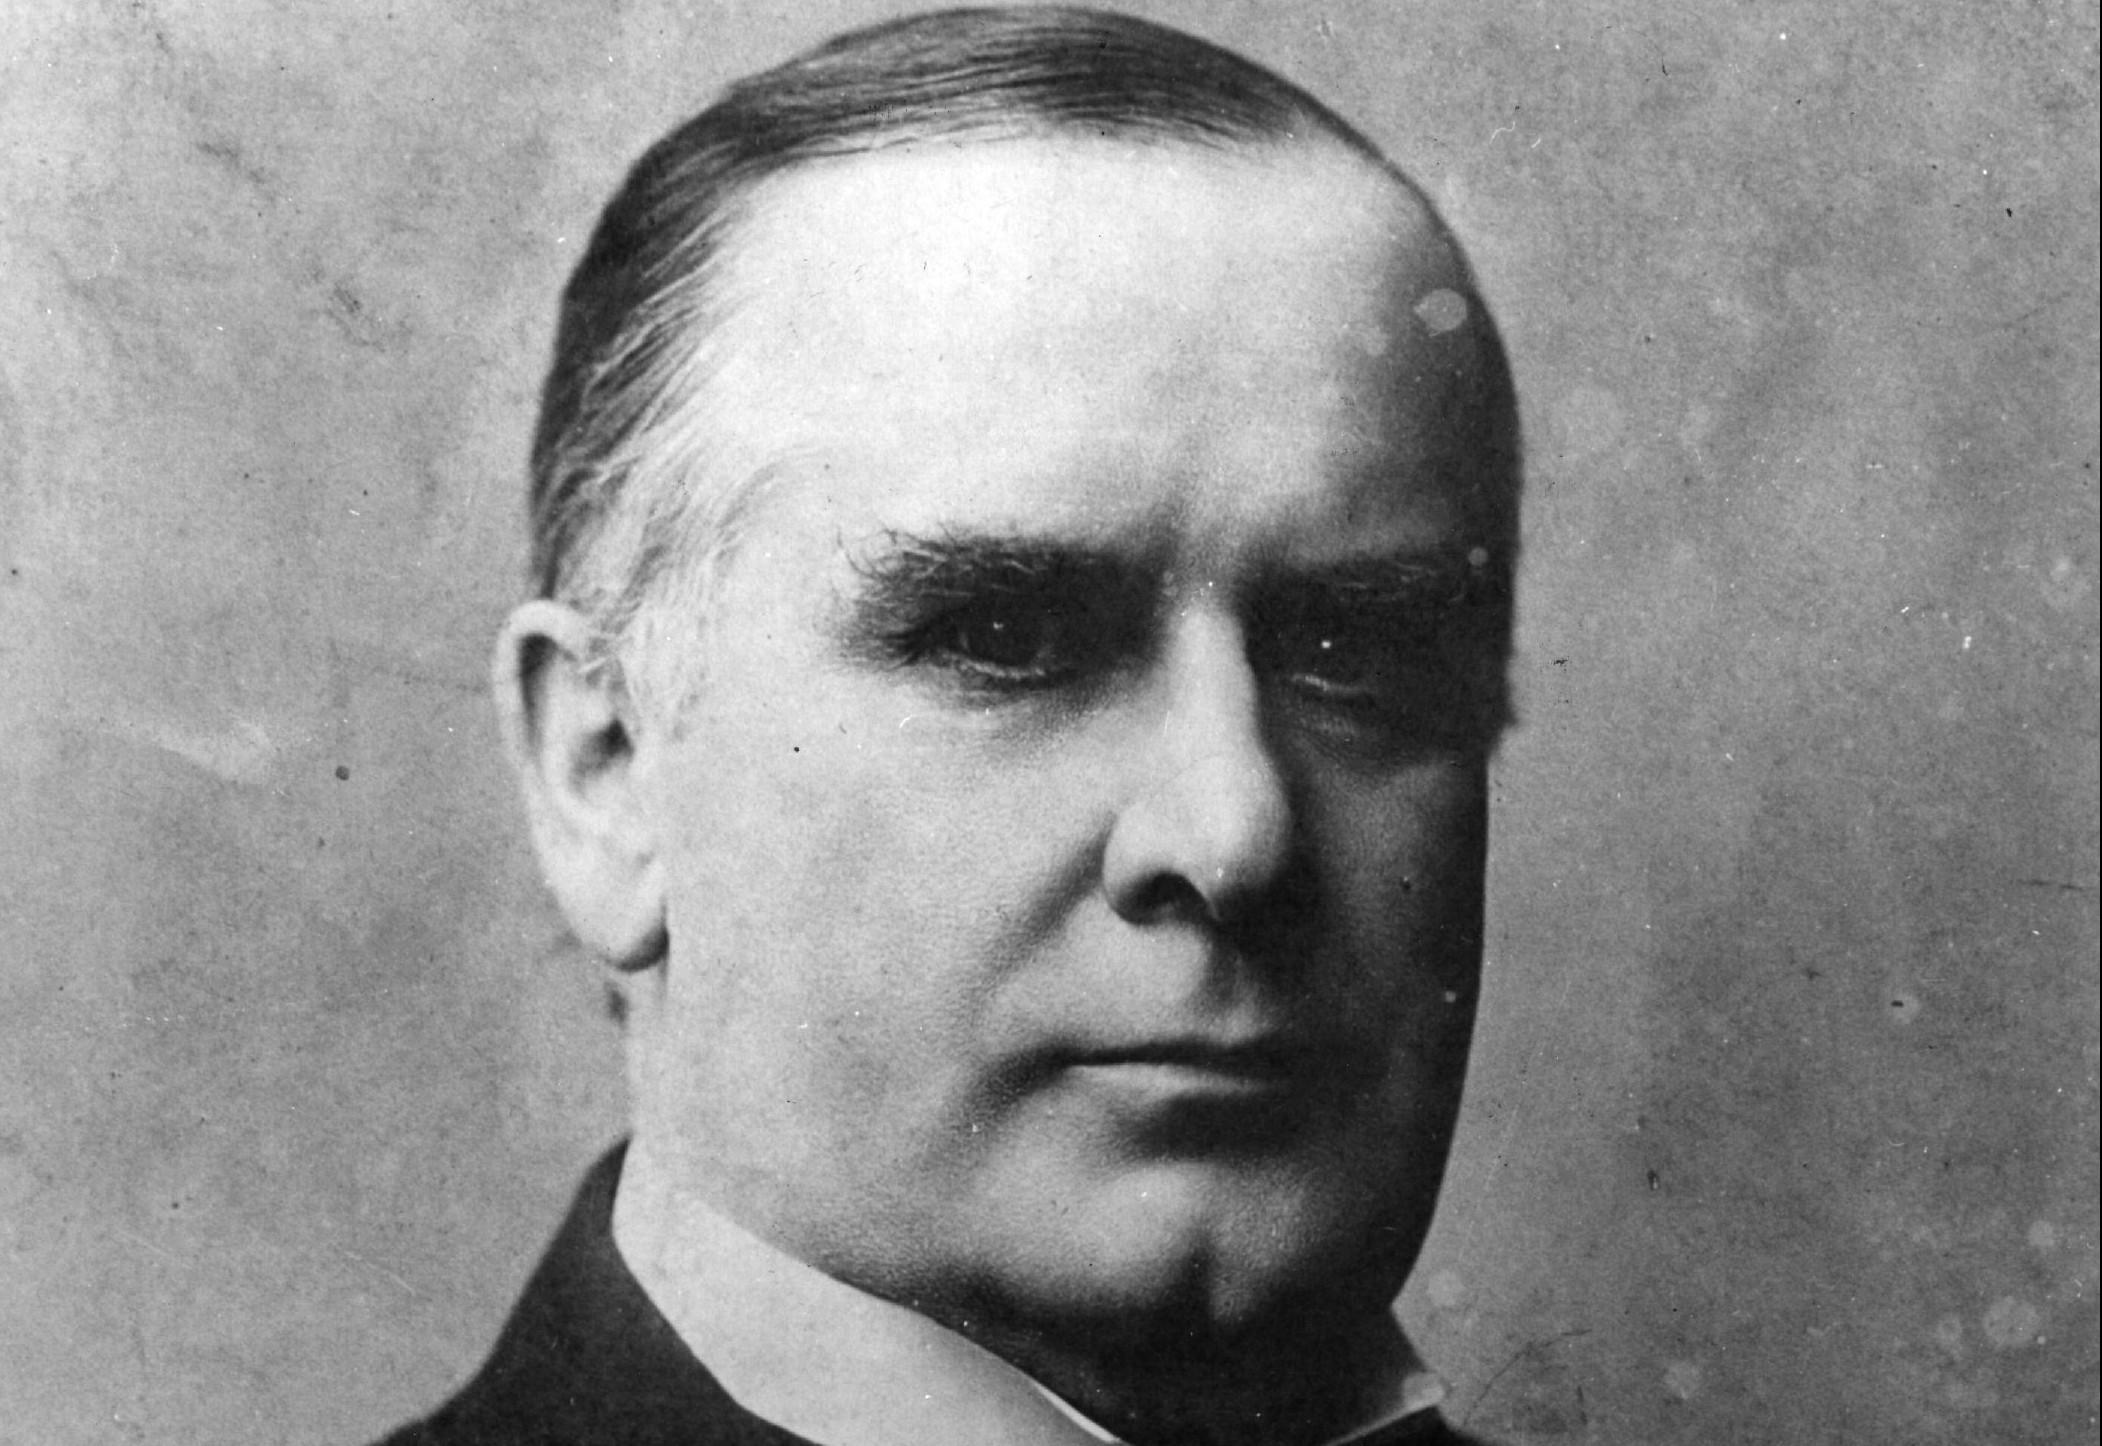 President William McKinley. Getty